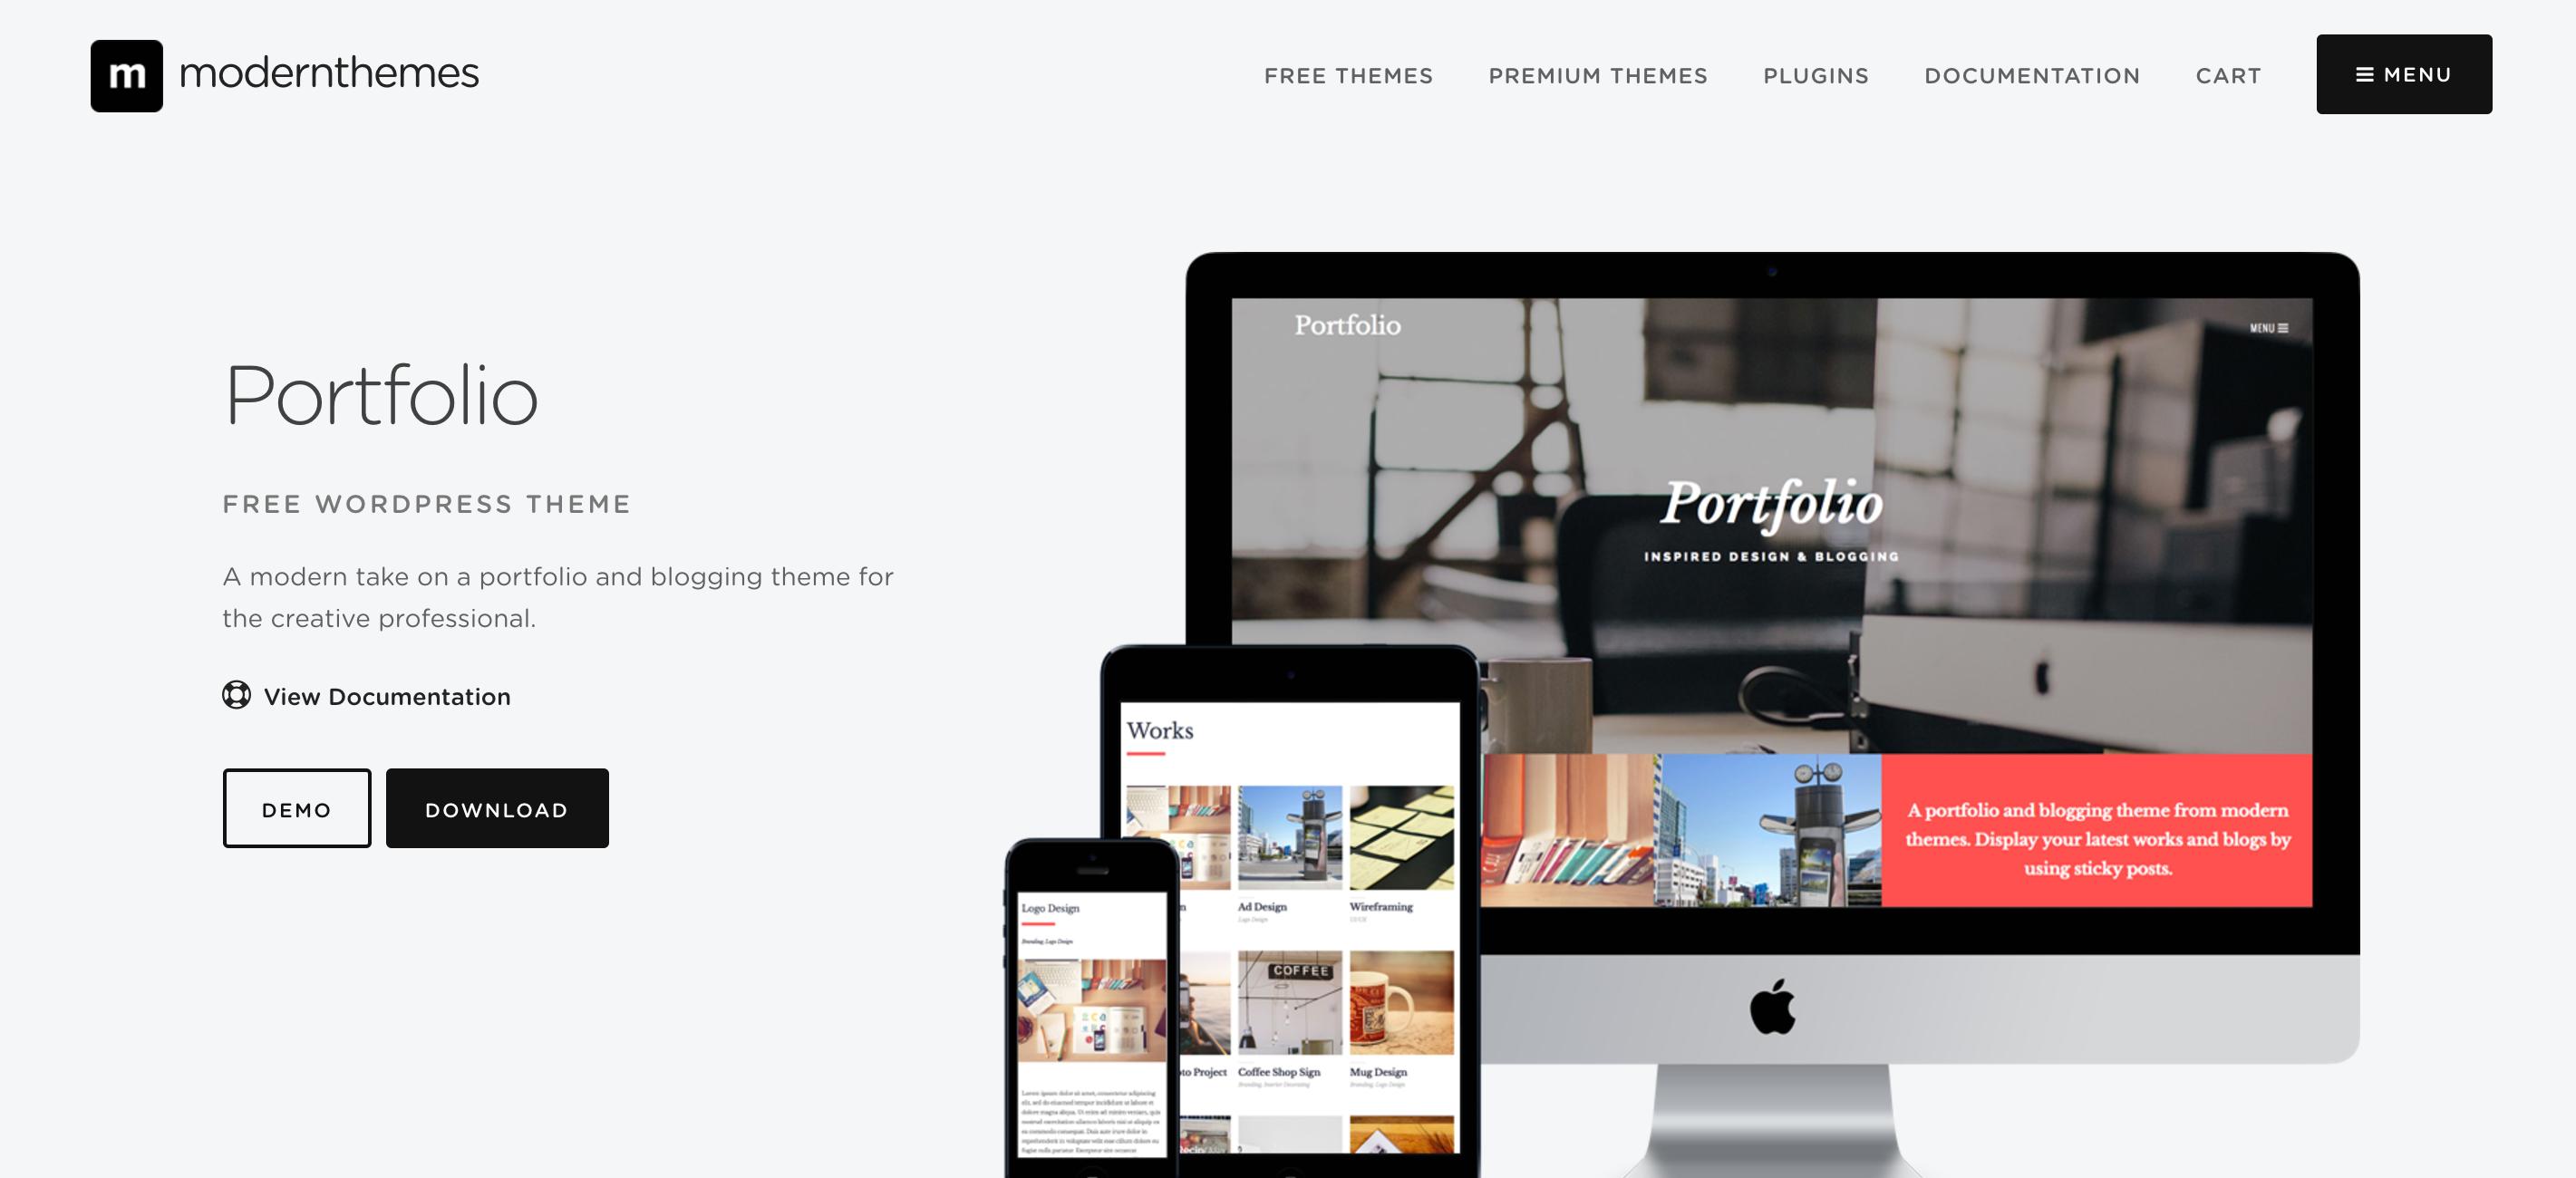 portfolio - Wordpressのテーマ7選!デザインがおしゃれで使いやすいおすすめテンプレート